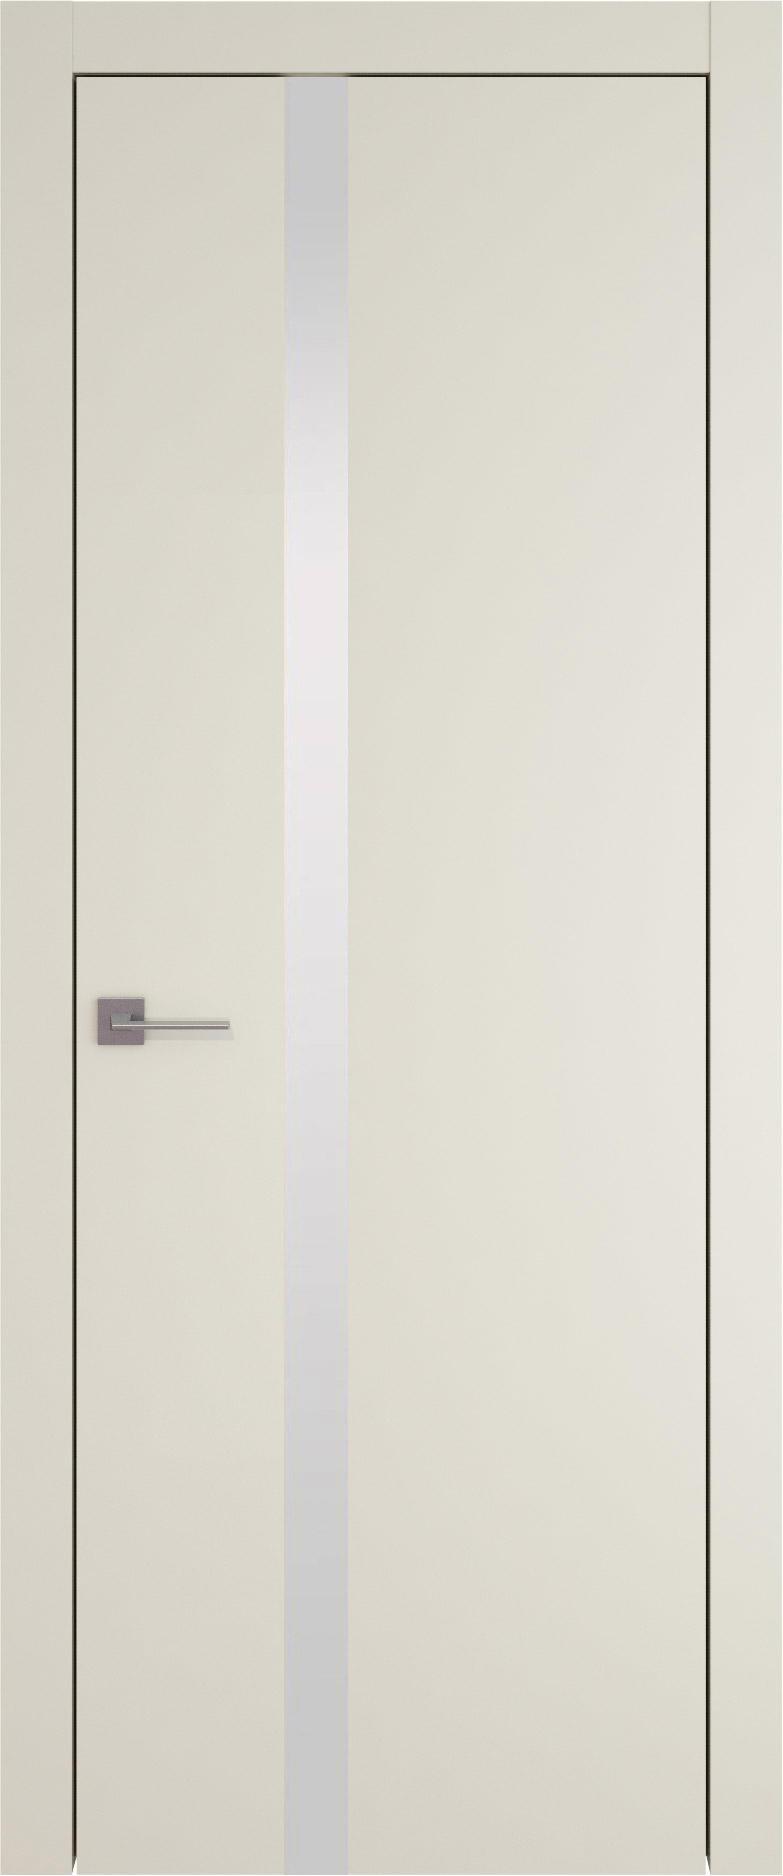 Tivoli Д-1 цвет - Жемчужная эмаль (RAL 1013) Без стекла (ДГ)